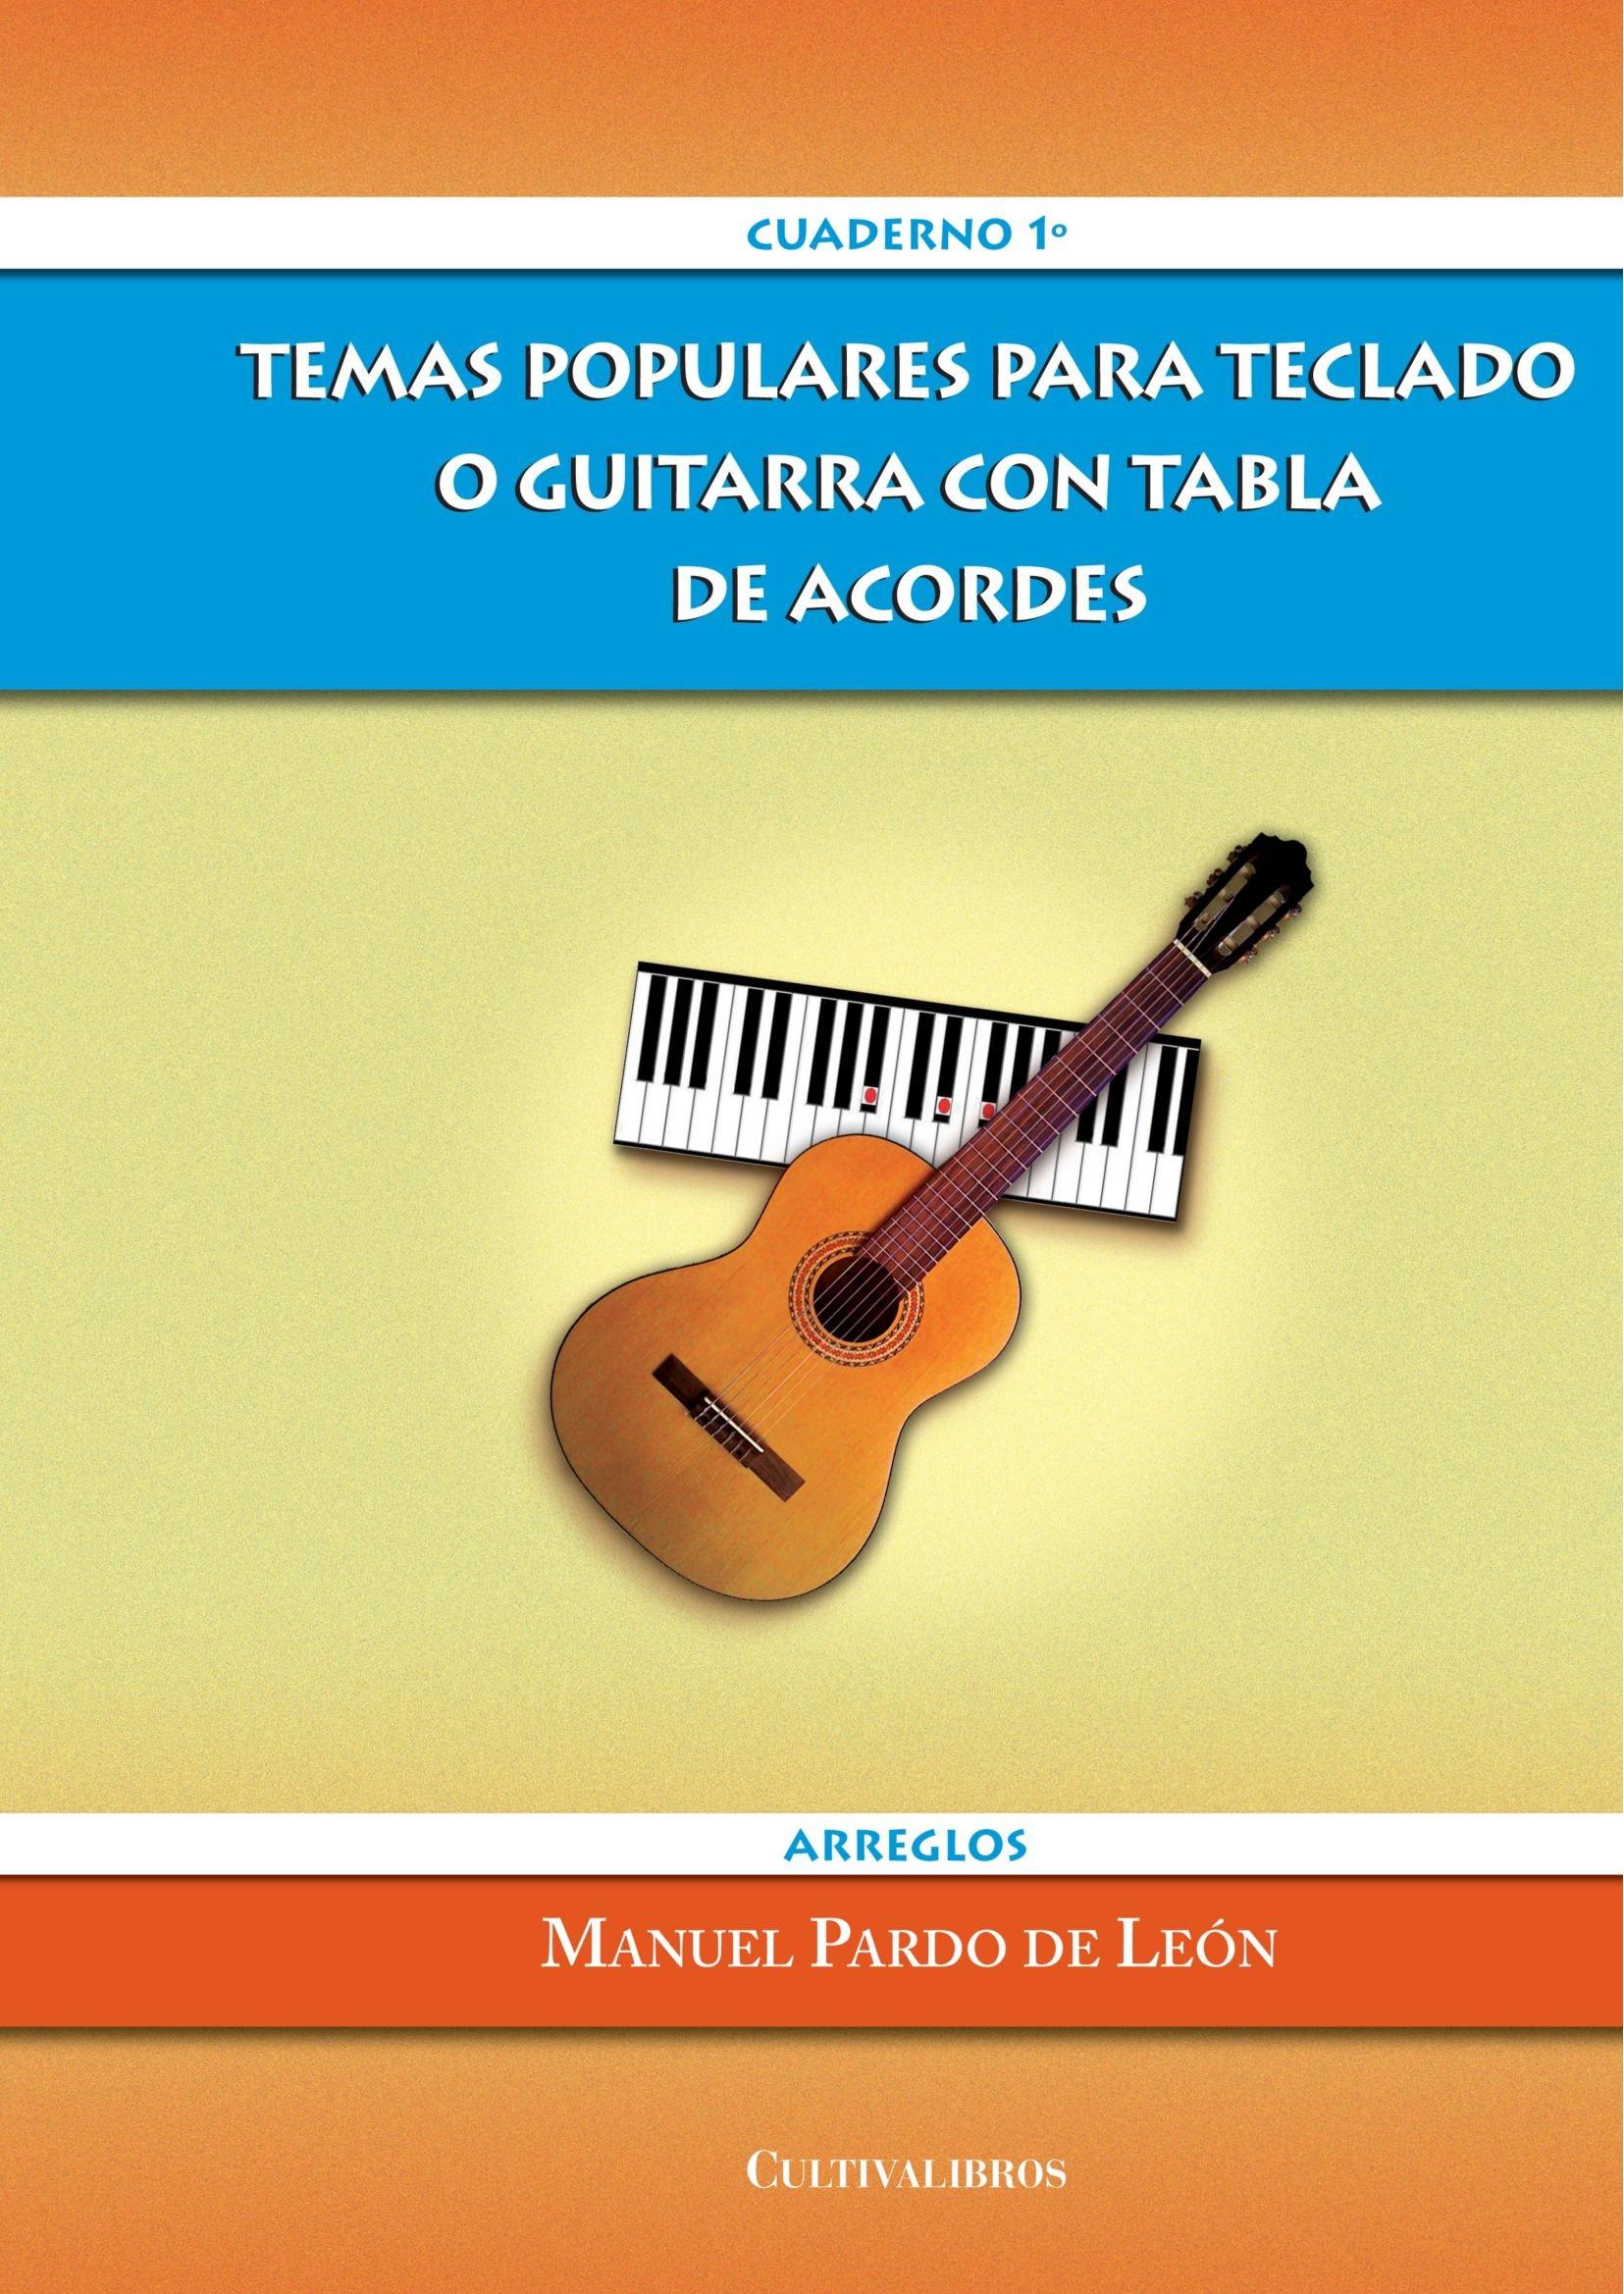 Temas Populares para Teclado o Guitarra con Tabla de Acordes: Amazon.es: de Leon, Manuel Pardo: Libros